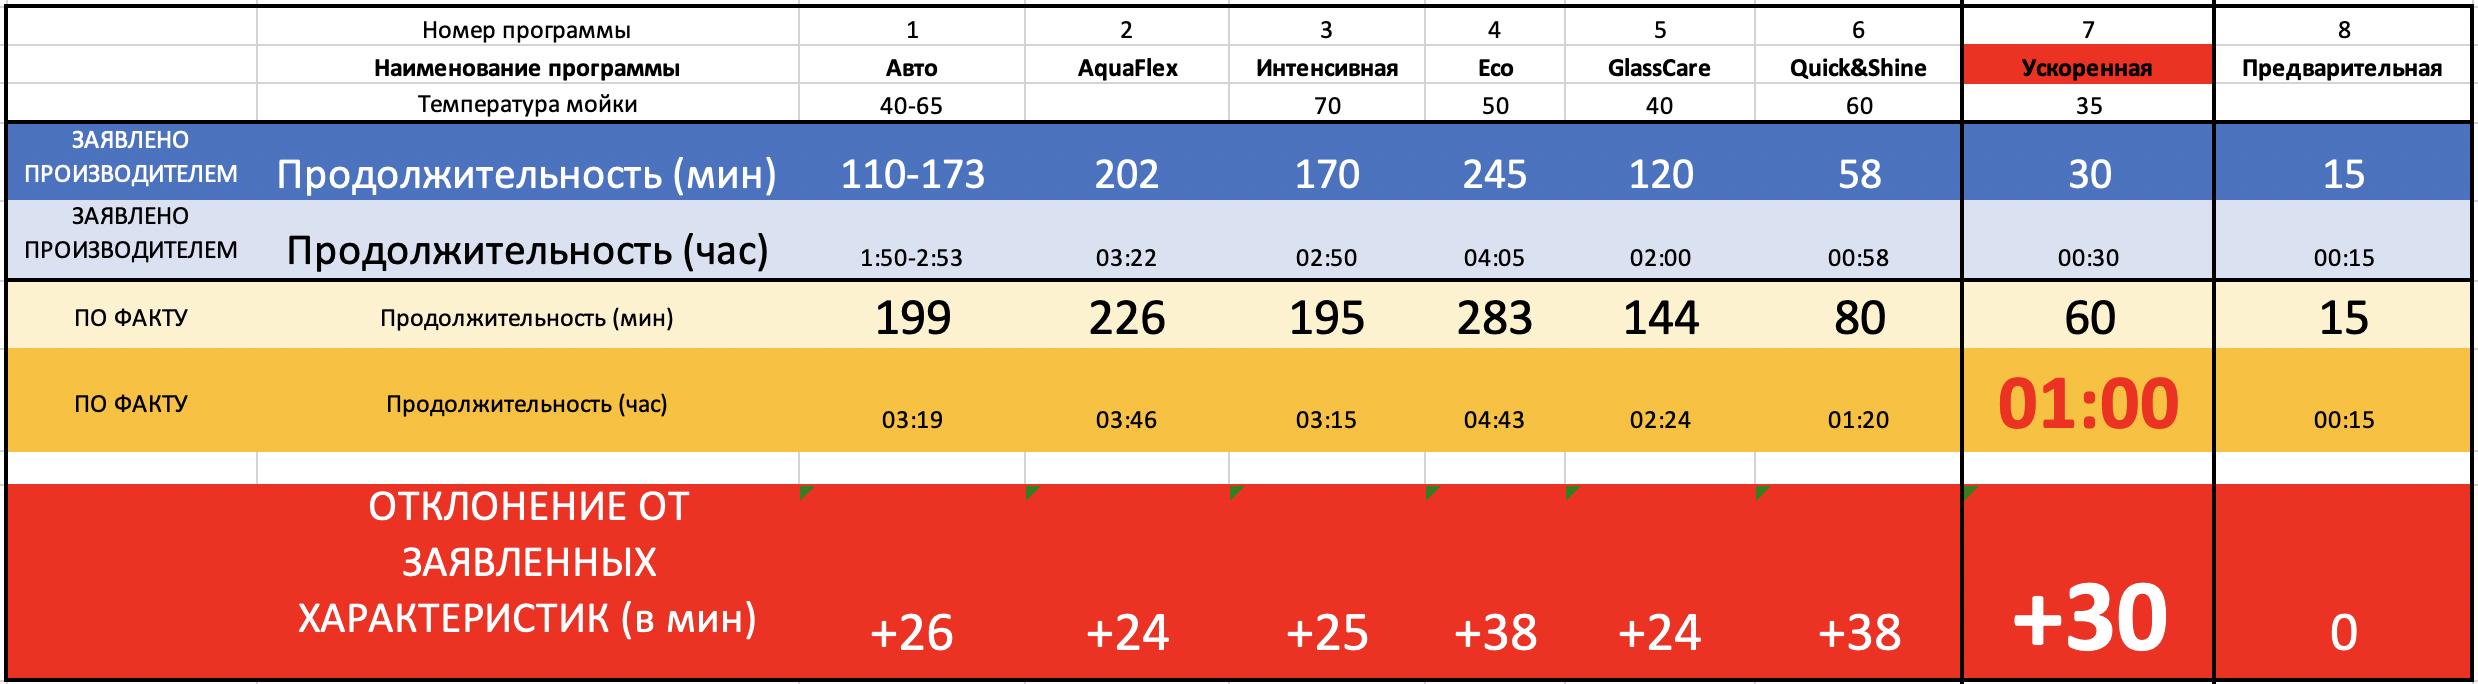 Таблица отклонений нашей посудомоечной машинки от параметров, заявленных производителем. Модель посудомоечной машинки BEKO DEN48522W